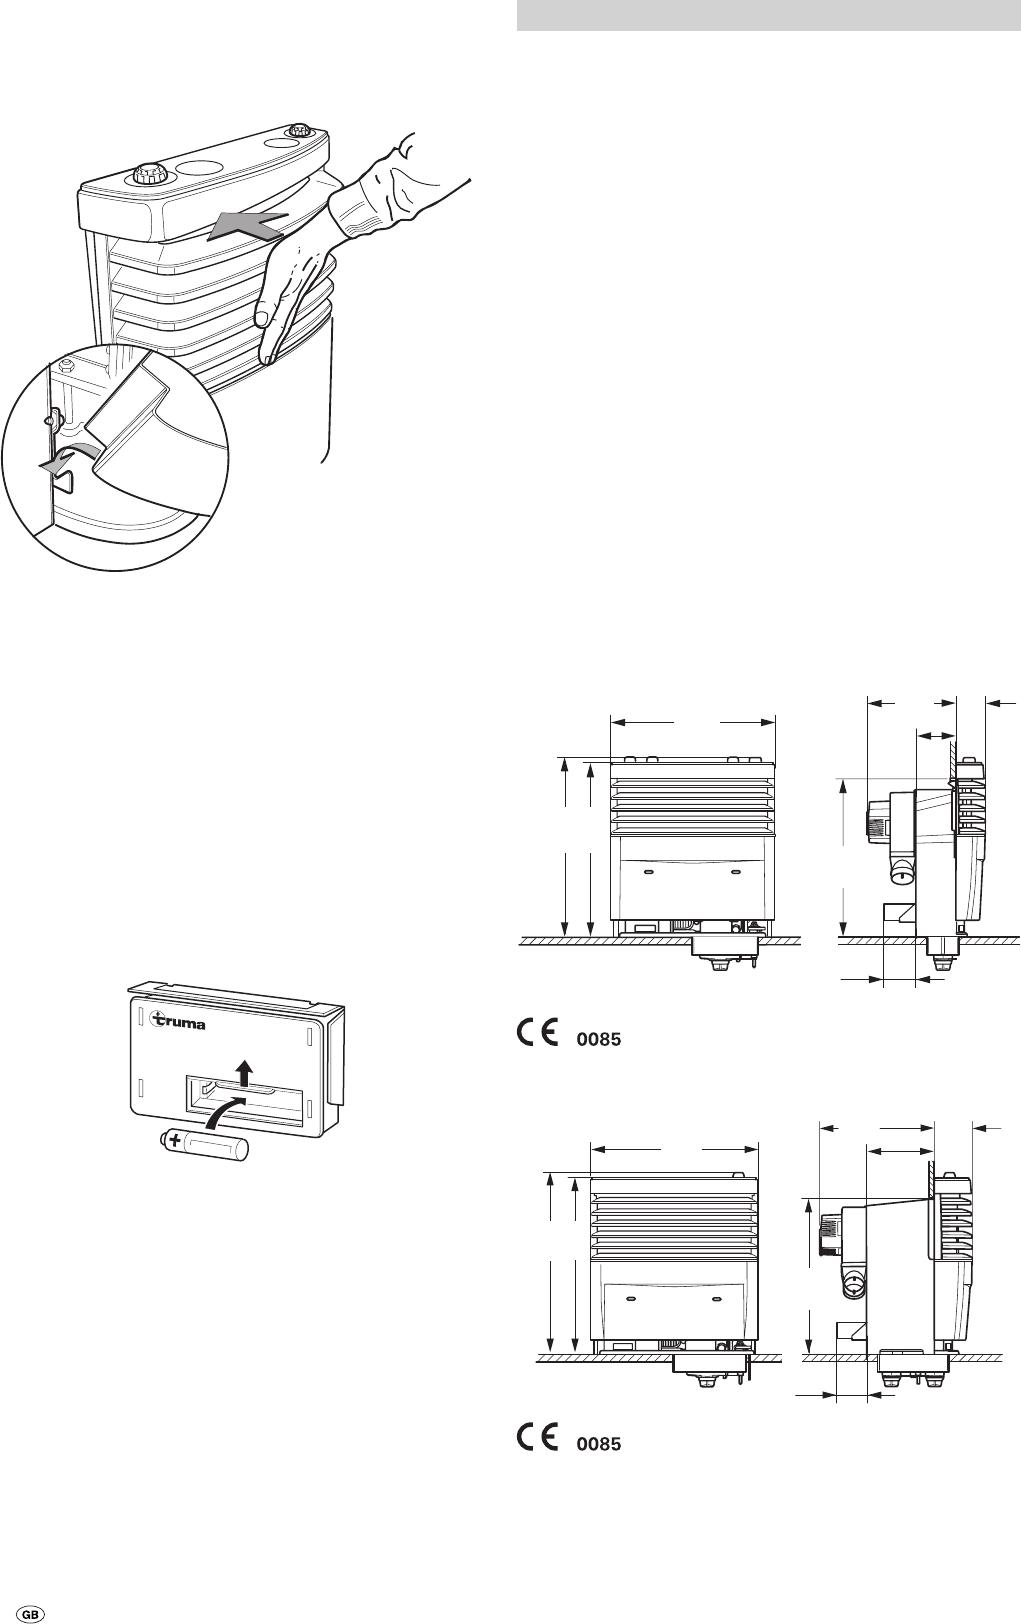 Handleiding Trumatic S 3004 (pagina 11 van 48) (Dansk, Deutsch ...